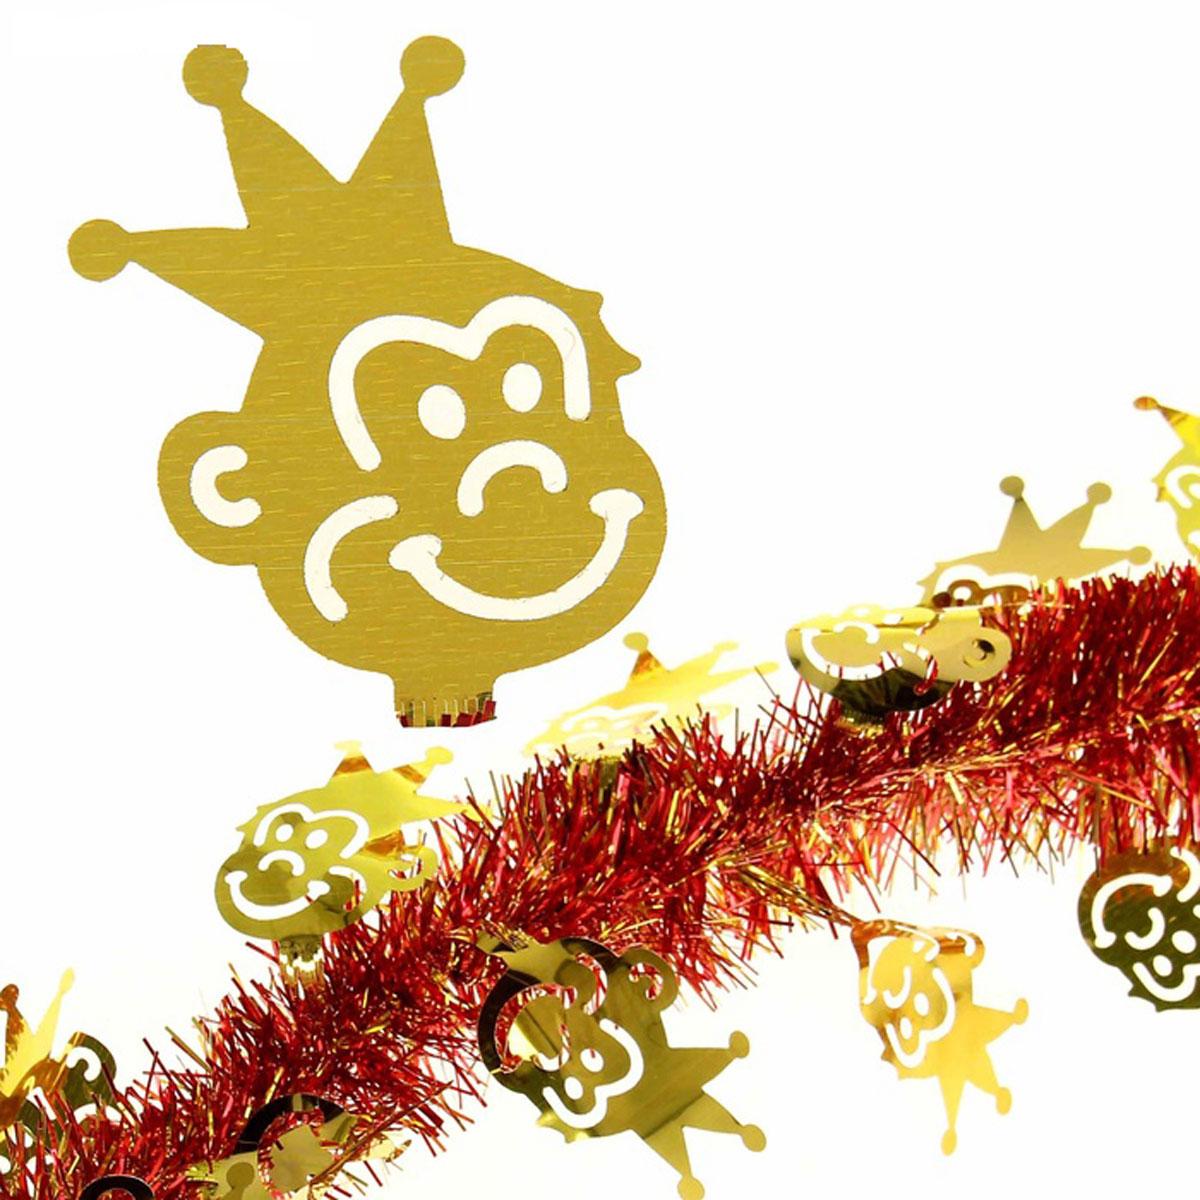 Мишура новогодняя Sima-land Обезьяна с короной, цвет: золотистый, красный, диаметр 5 см, длина 200 см1096759Мишура новогодняя Sima-land Обезьяна с короной, выполненная из фольги с фигурками обезьян, поможет вам украсить свой дом к предстоящим праздникам. Мишура армированная и способна сохранять приданную ей форму. Новогодней мишурой можно украсить все, что угодно - елку, квартиру, дачу, офис - как внутри, так и снаружи. Можно сложить новогодние поздравления, буквы и цифры, мишурой можно украсить и дополнить гирлянды, можно выделить дверные колонны, оплести дверные проемы. Мишура принесет в ваш дом ни с чем не сравнимое ощущение праздника! Создайте в своем доме атмосферу тепла, веселья и радости, украшая его всей семьей.